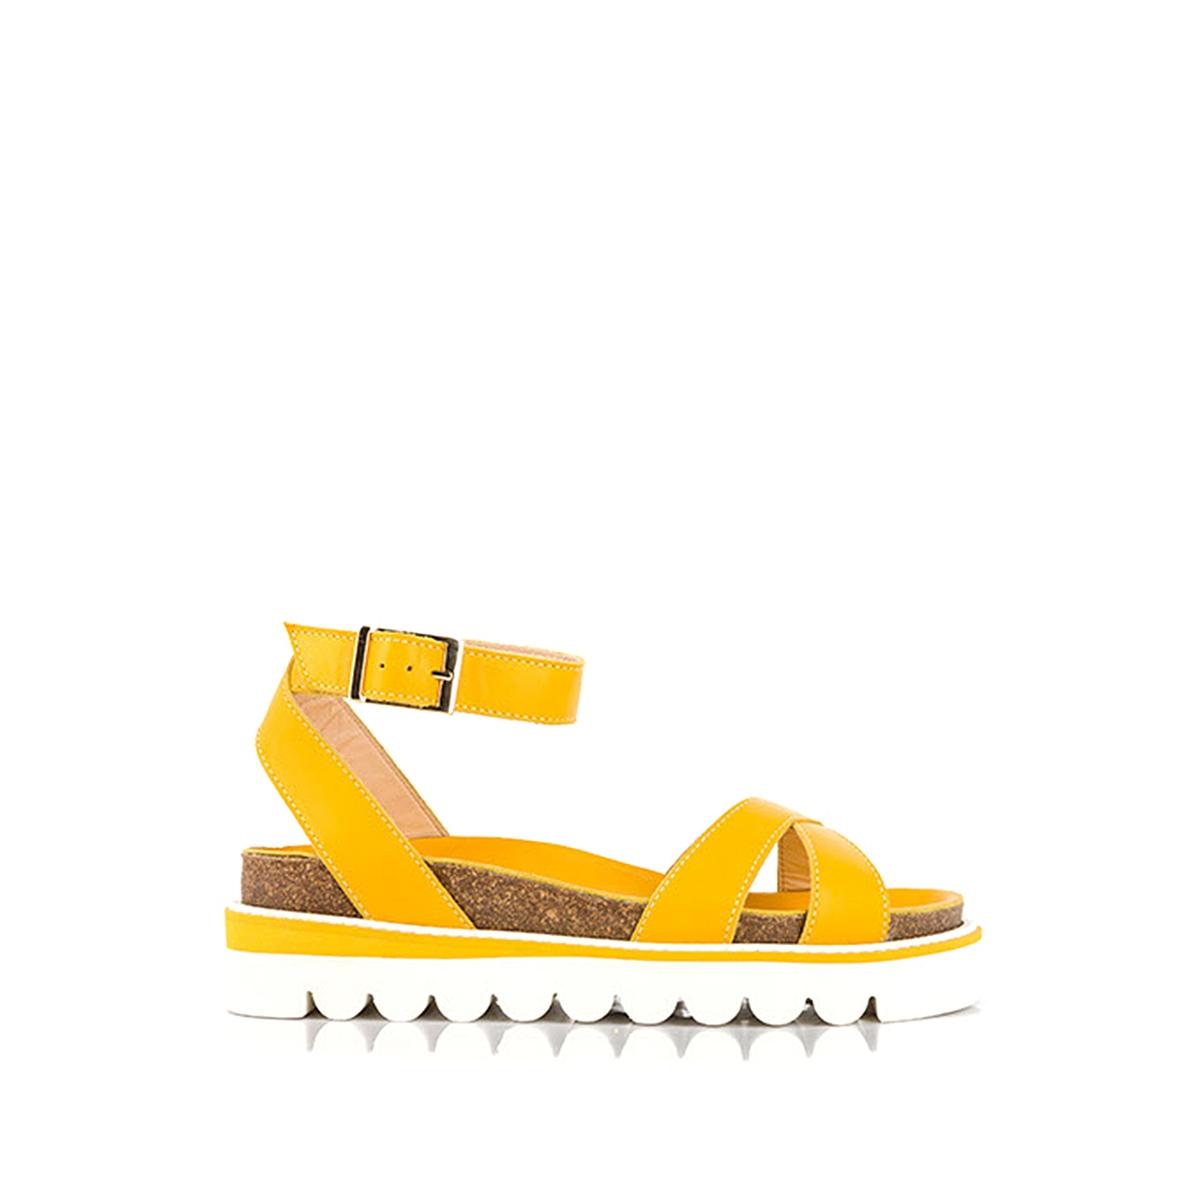 Босоножки кожаные BobineВерх : кожа   Подкладка : кожа   Стелька : кожа   Подошва : каучук   Высота каблука : 3 см   Форма каблука : плоский каблук   Мысок : открытый мысок   Застежка : пряжка<br><br>Цвет: желтый<br>Размер: 36.39